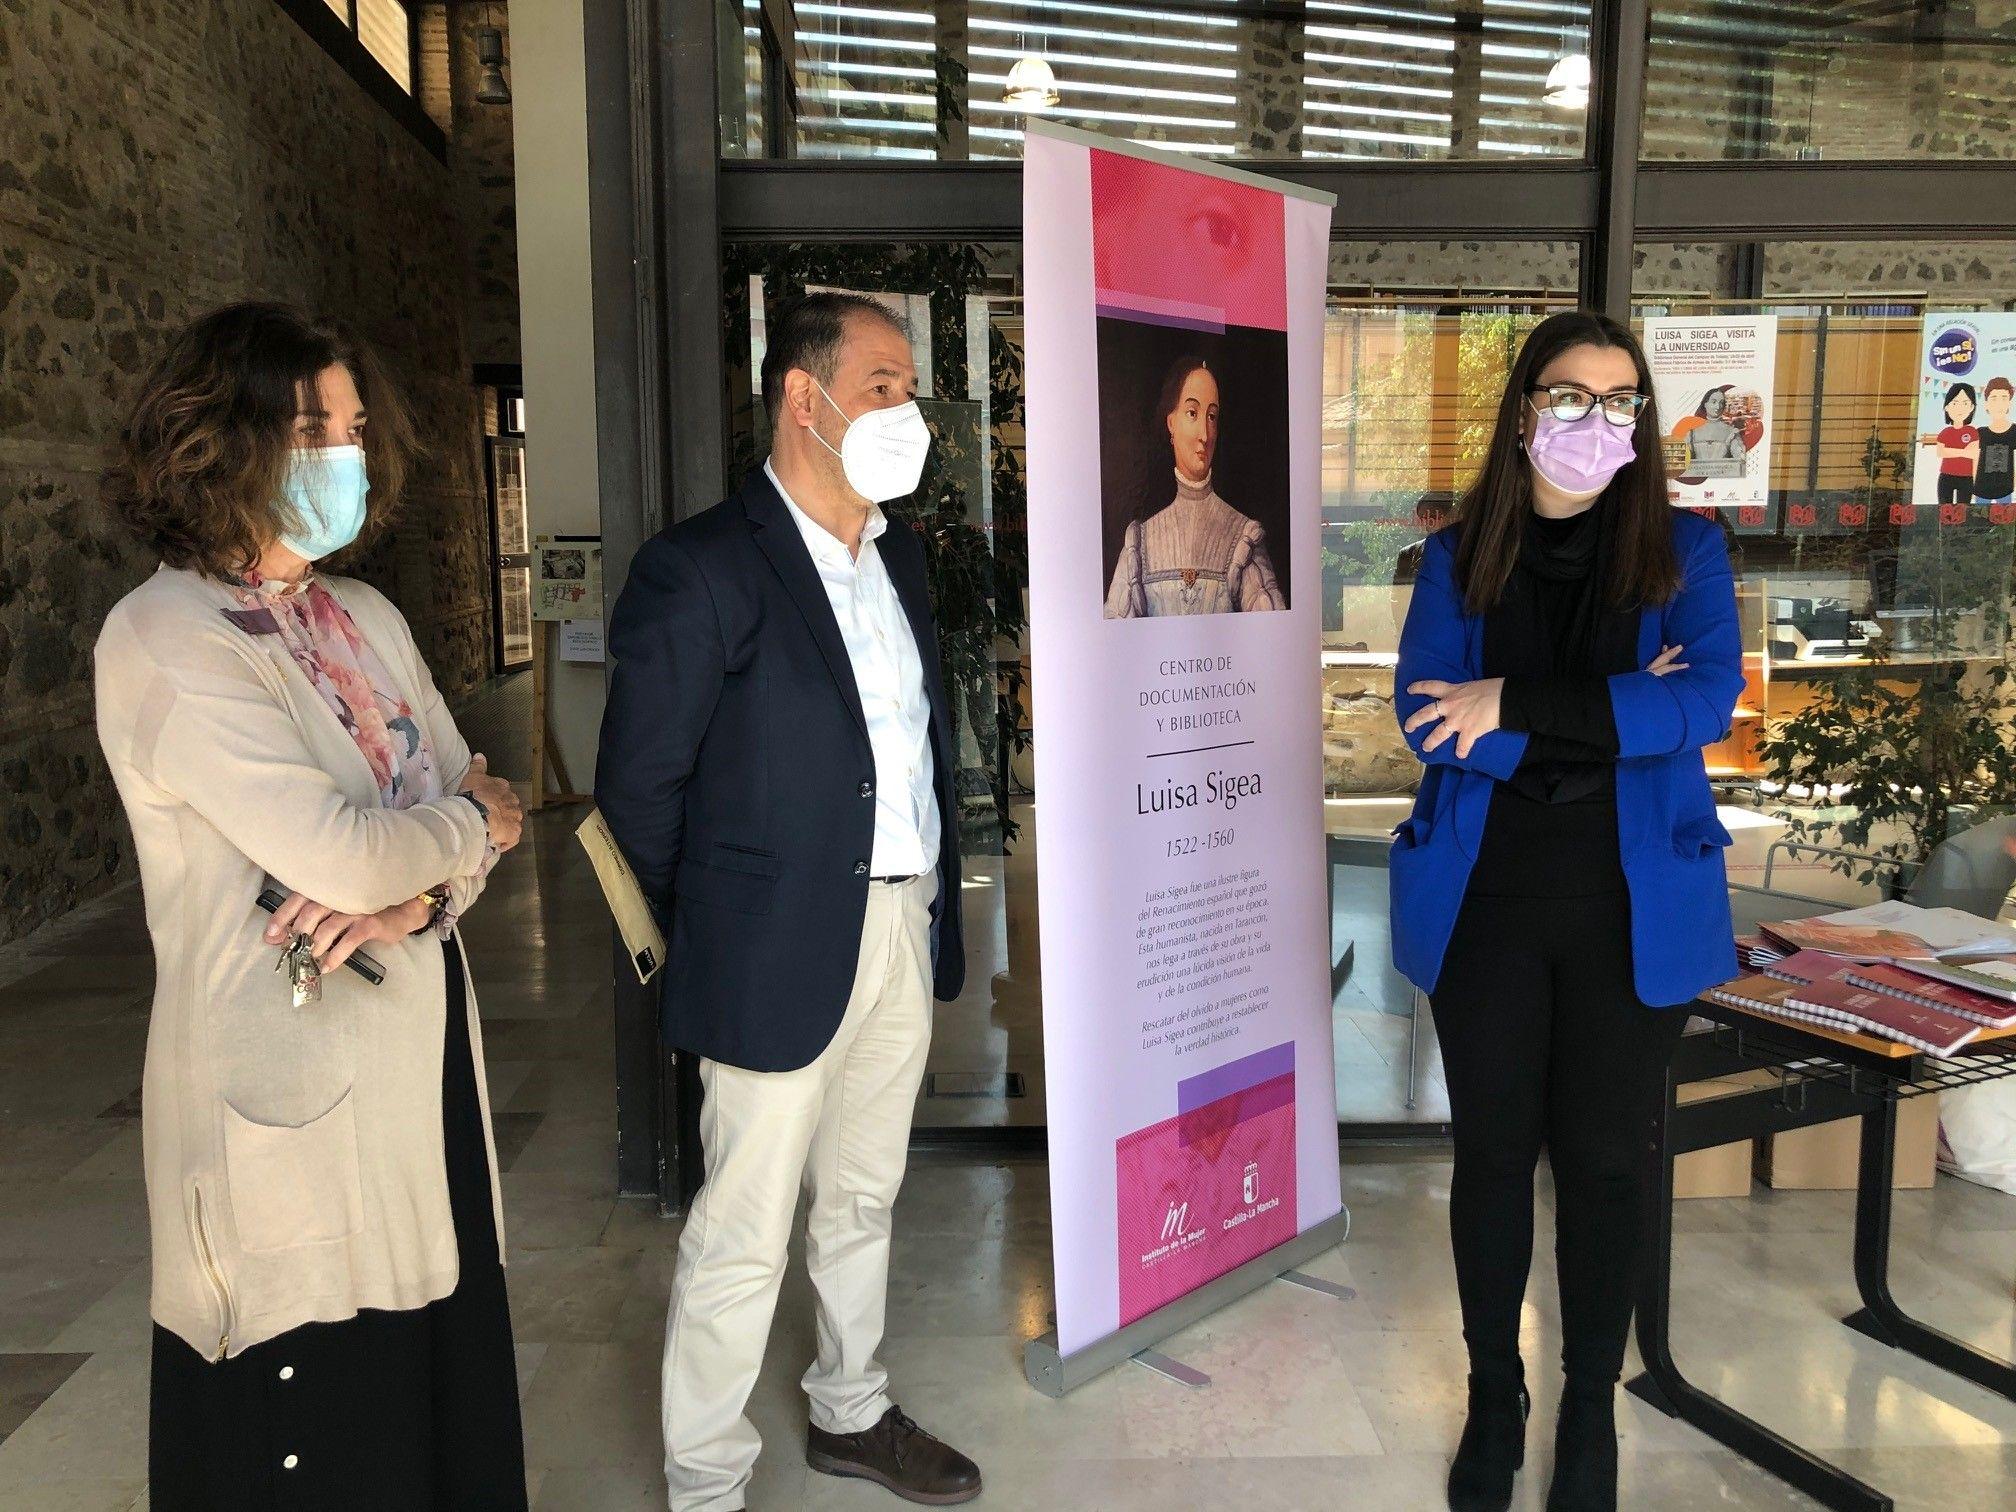 El Gobierno regional presenta laactividad `Luisa Sigea visita la Universidad´ para acercar obras sobre igualdad de género y feminismo